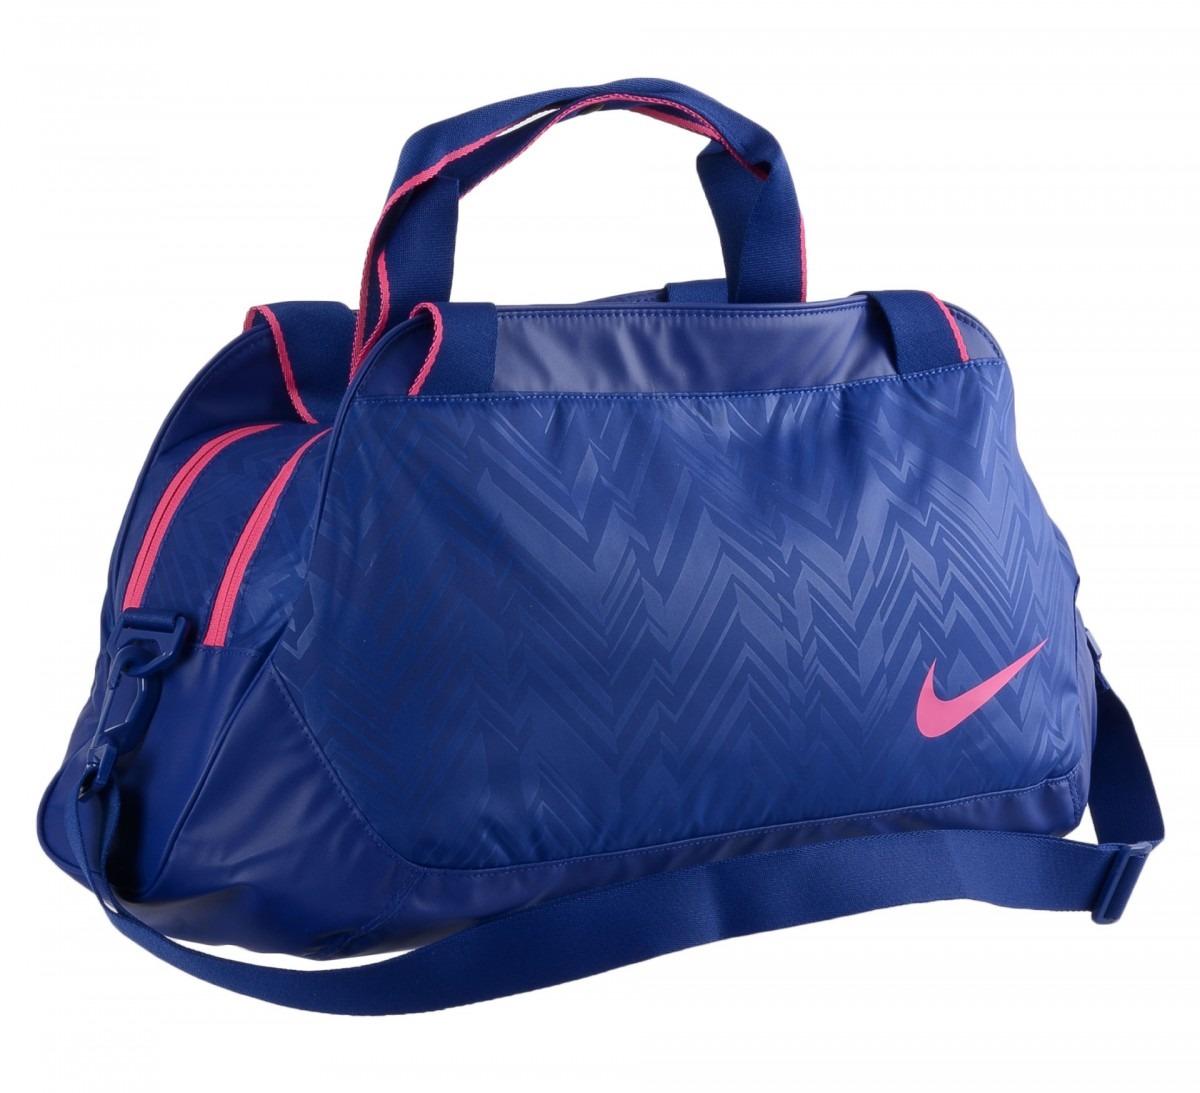 3704aec53 Bolsa Nike C72 Legend 2.0 M - Loja Freecs - - R$ 179,90 em Mercado Livre